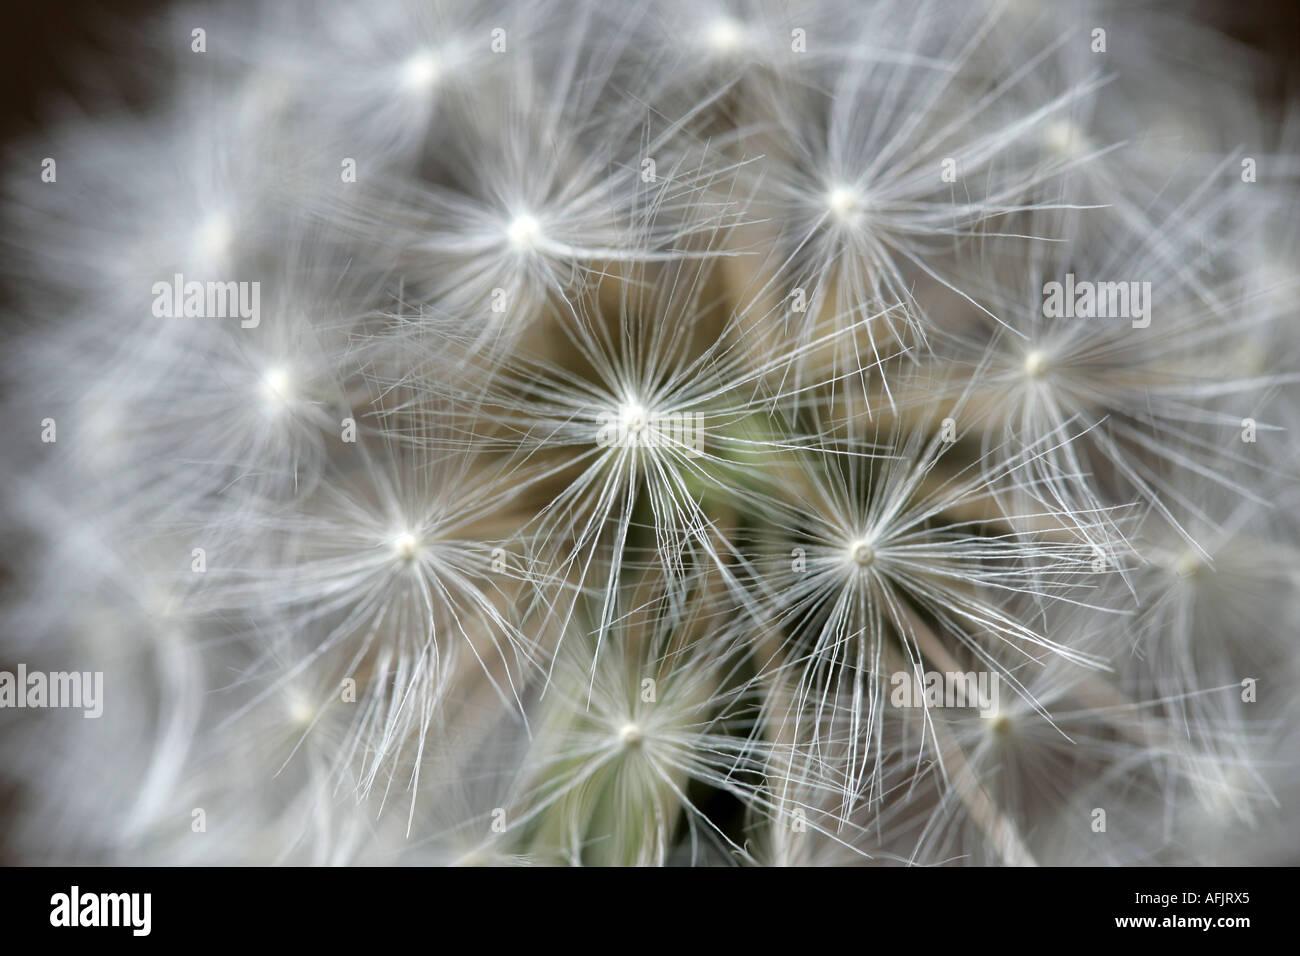 Reloj cabeza de diente de león Taraxacum officinale flor en el jardín N o la familia Compositae Imagen De Stock